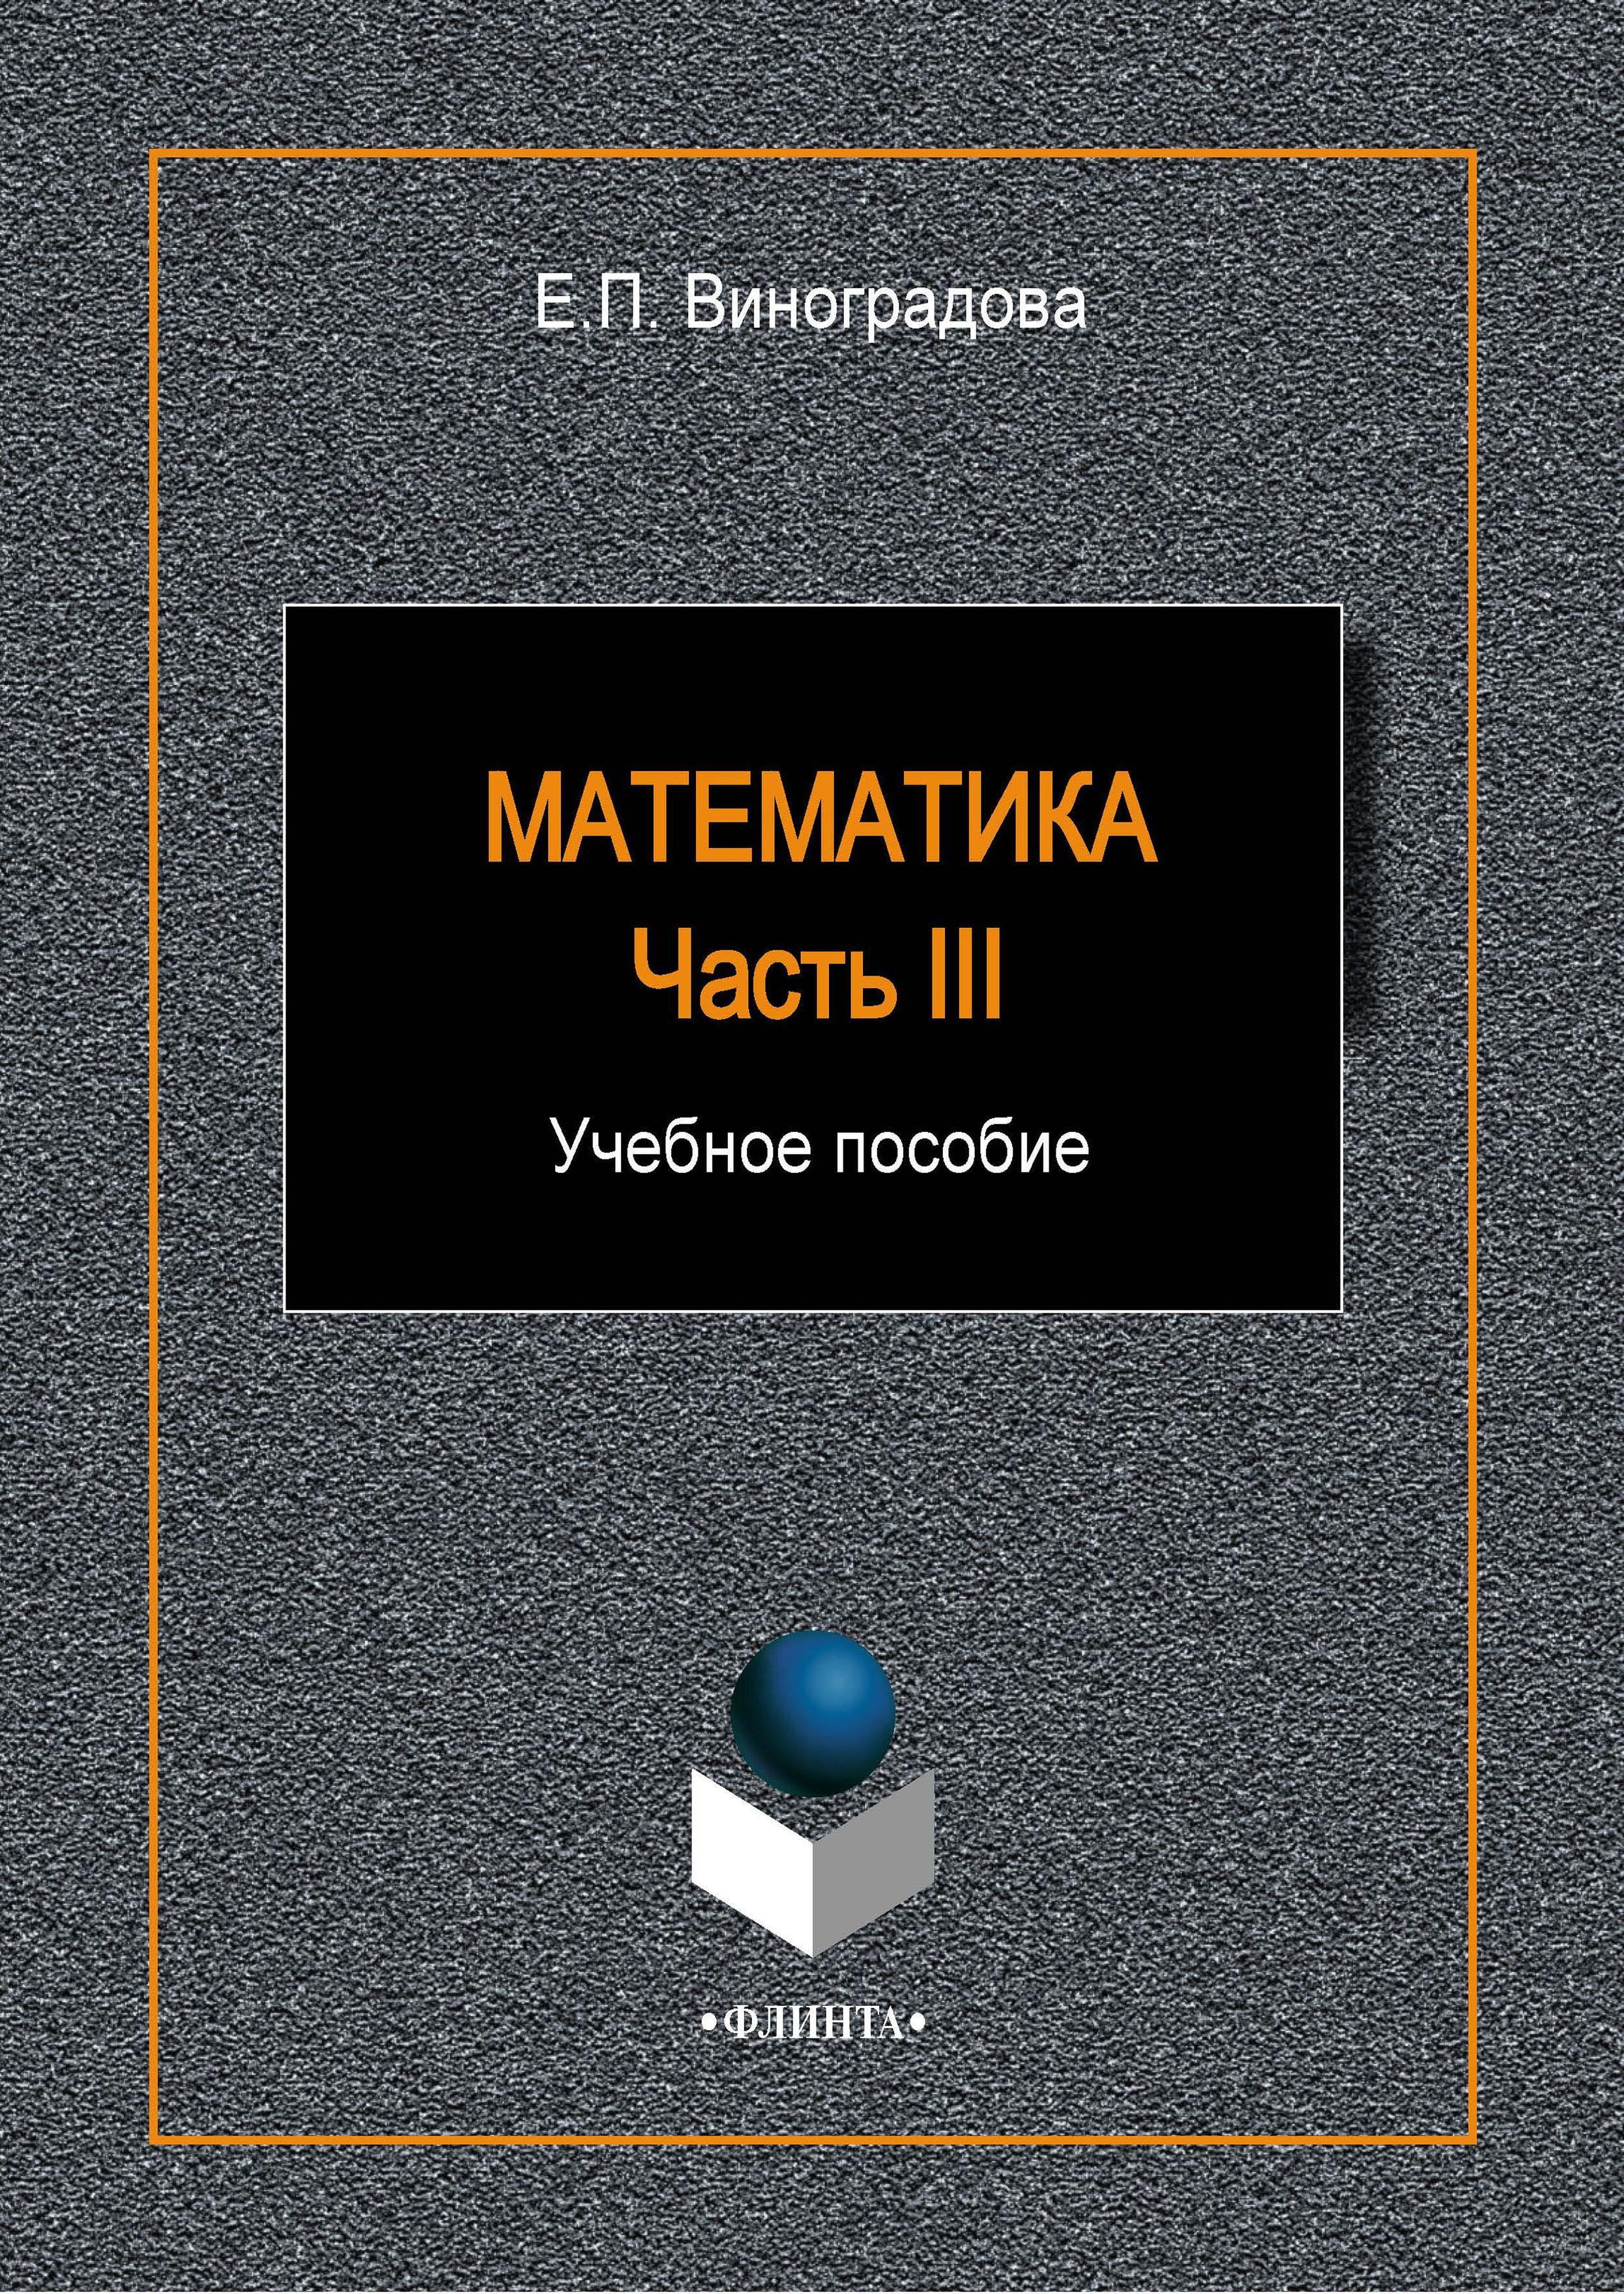 Е. П. Виноградова Математика. Часть III п е казанский всеобщие административные союзы государств том iii